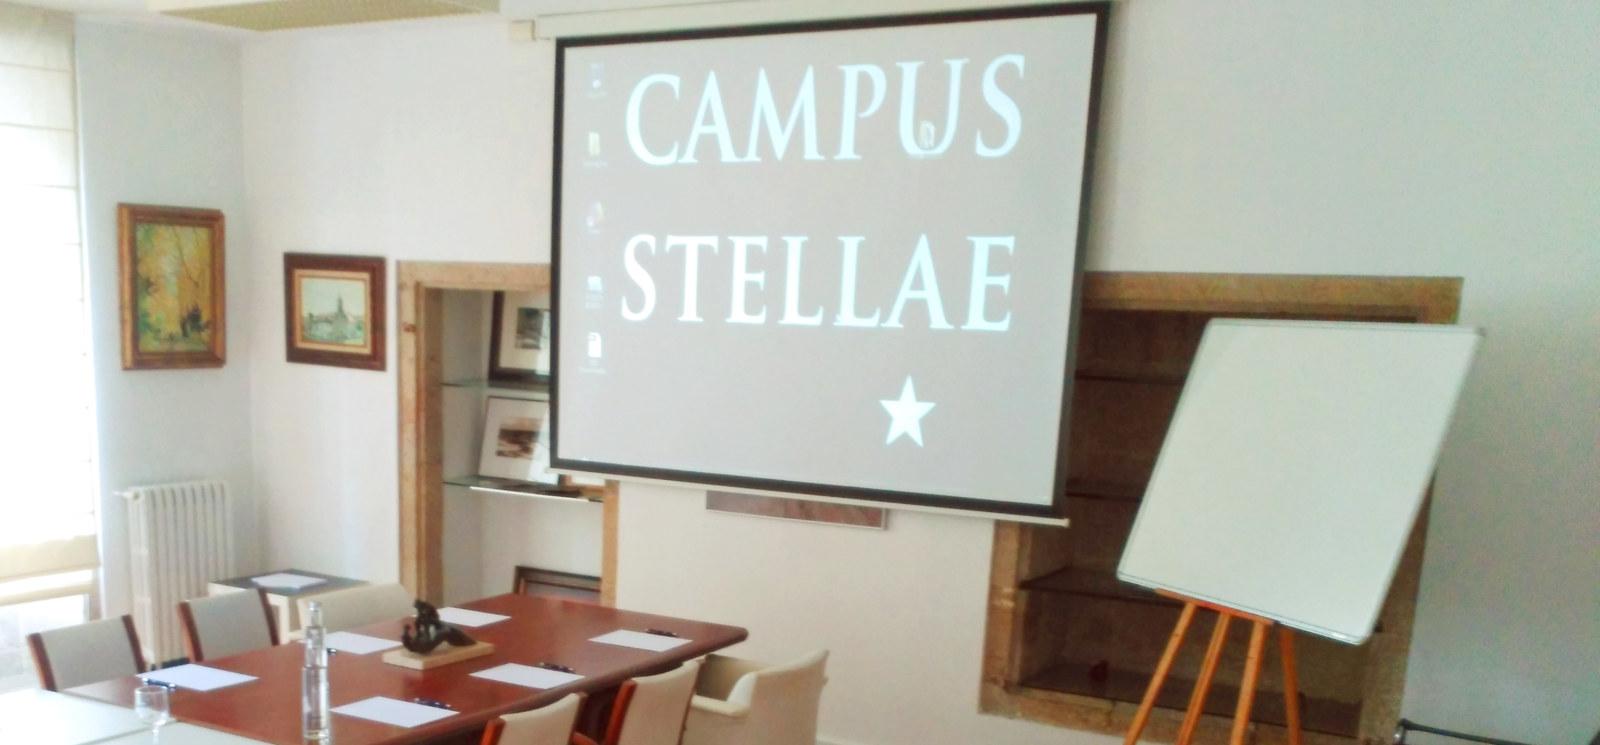 Espacio para cursos y seminarios - Campus Stellae - Alquiler de salas